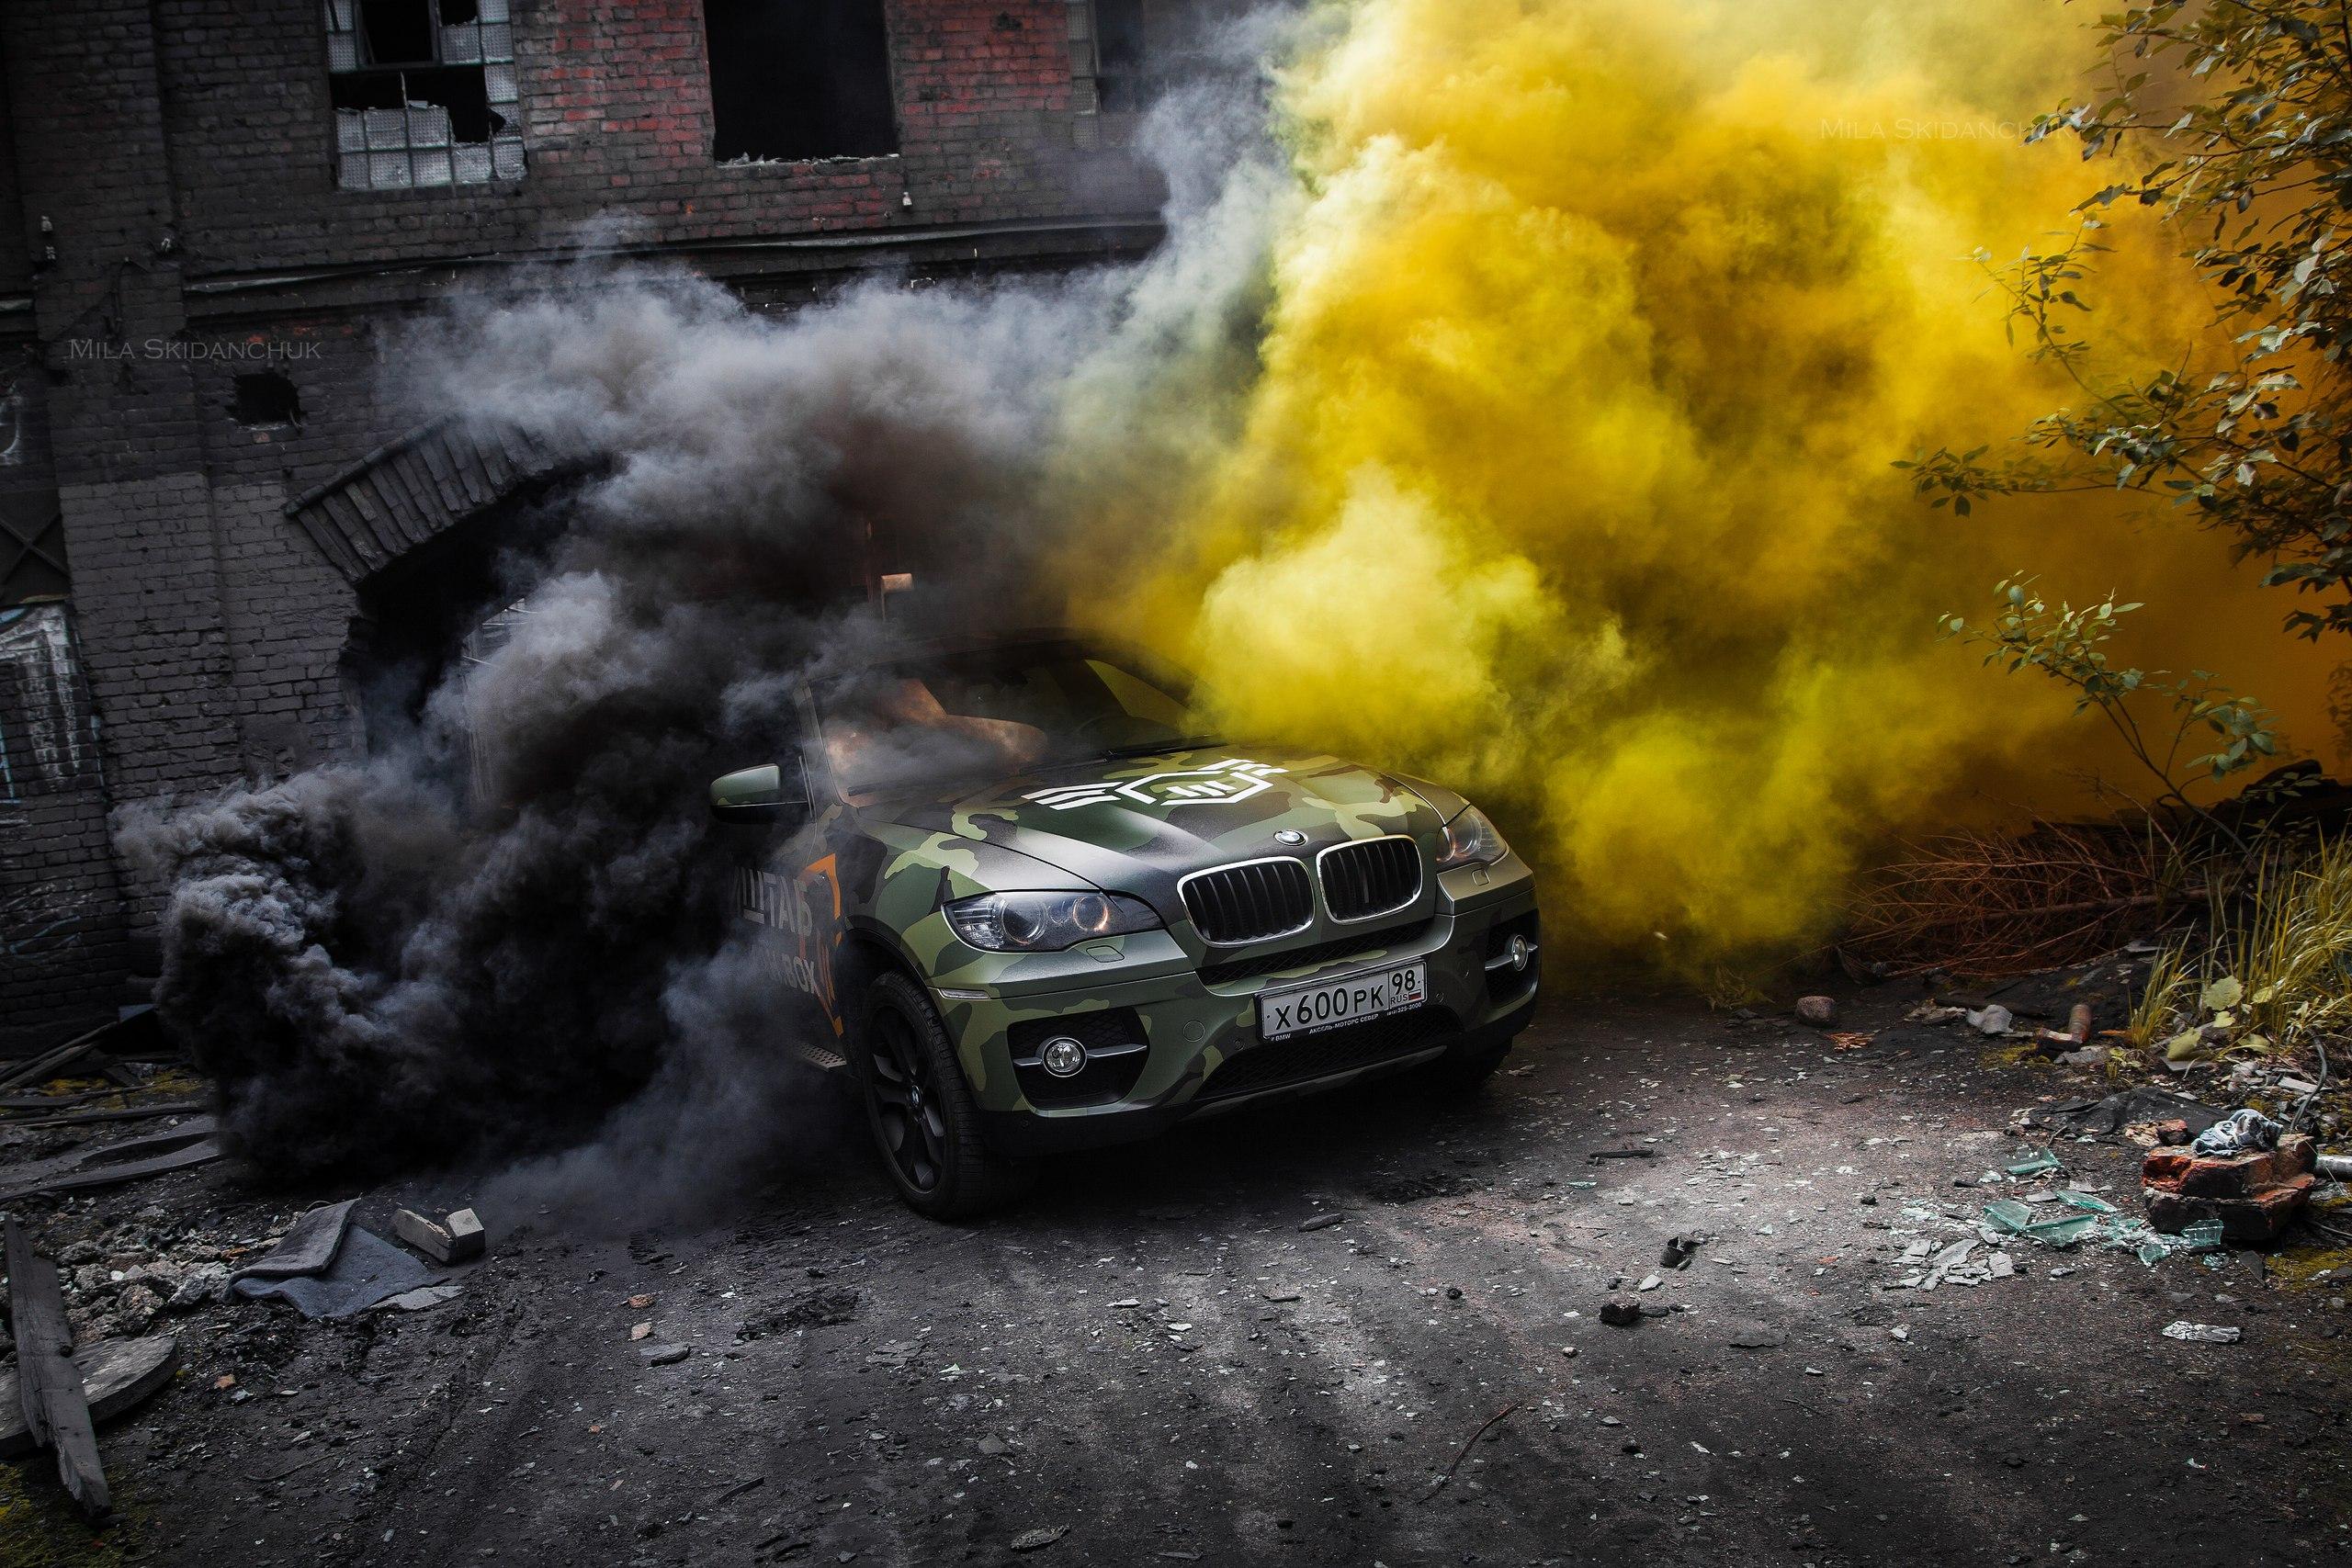 Фотосессия с дымом и машиной